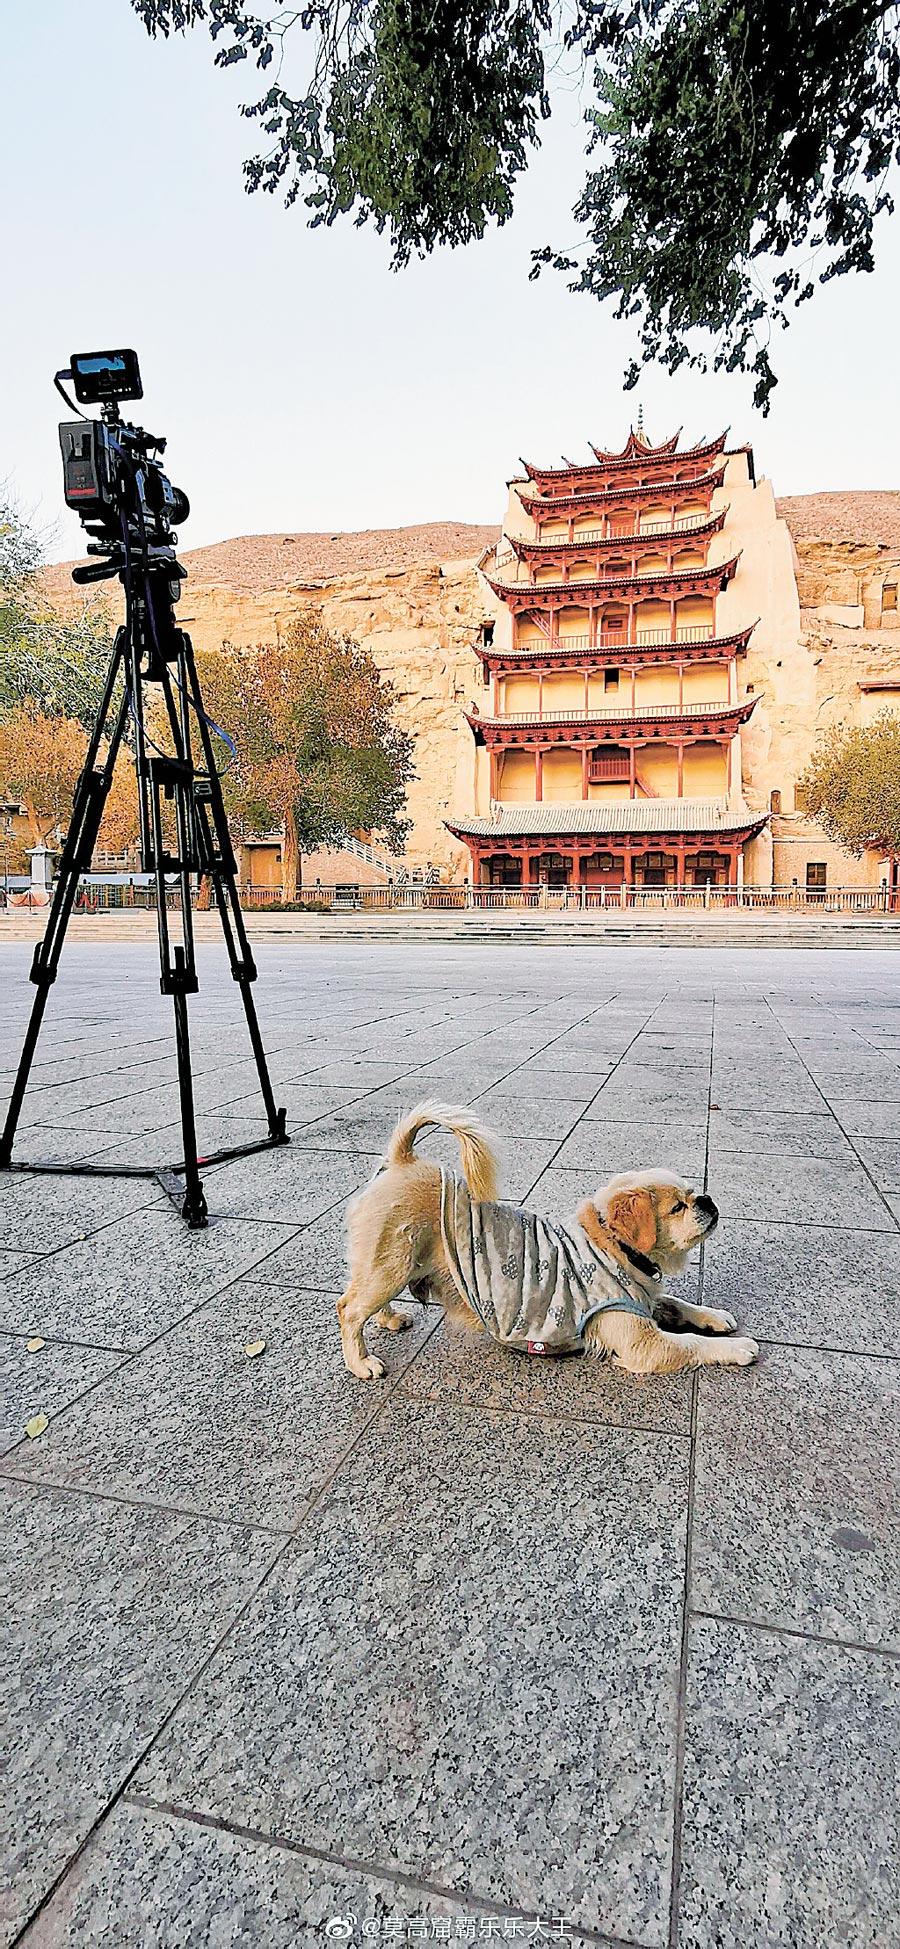 敦煌莫高窟的「樂樂大王」圈粉無數,吸引遊客拍照打卡。(取自微博@莫高窟霸樂樂大王)